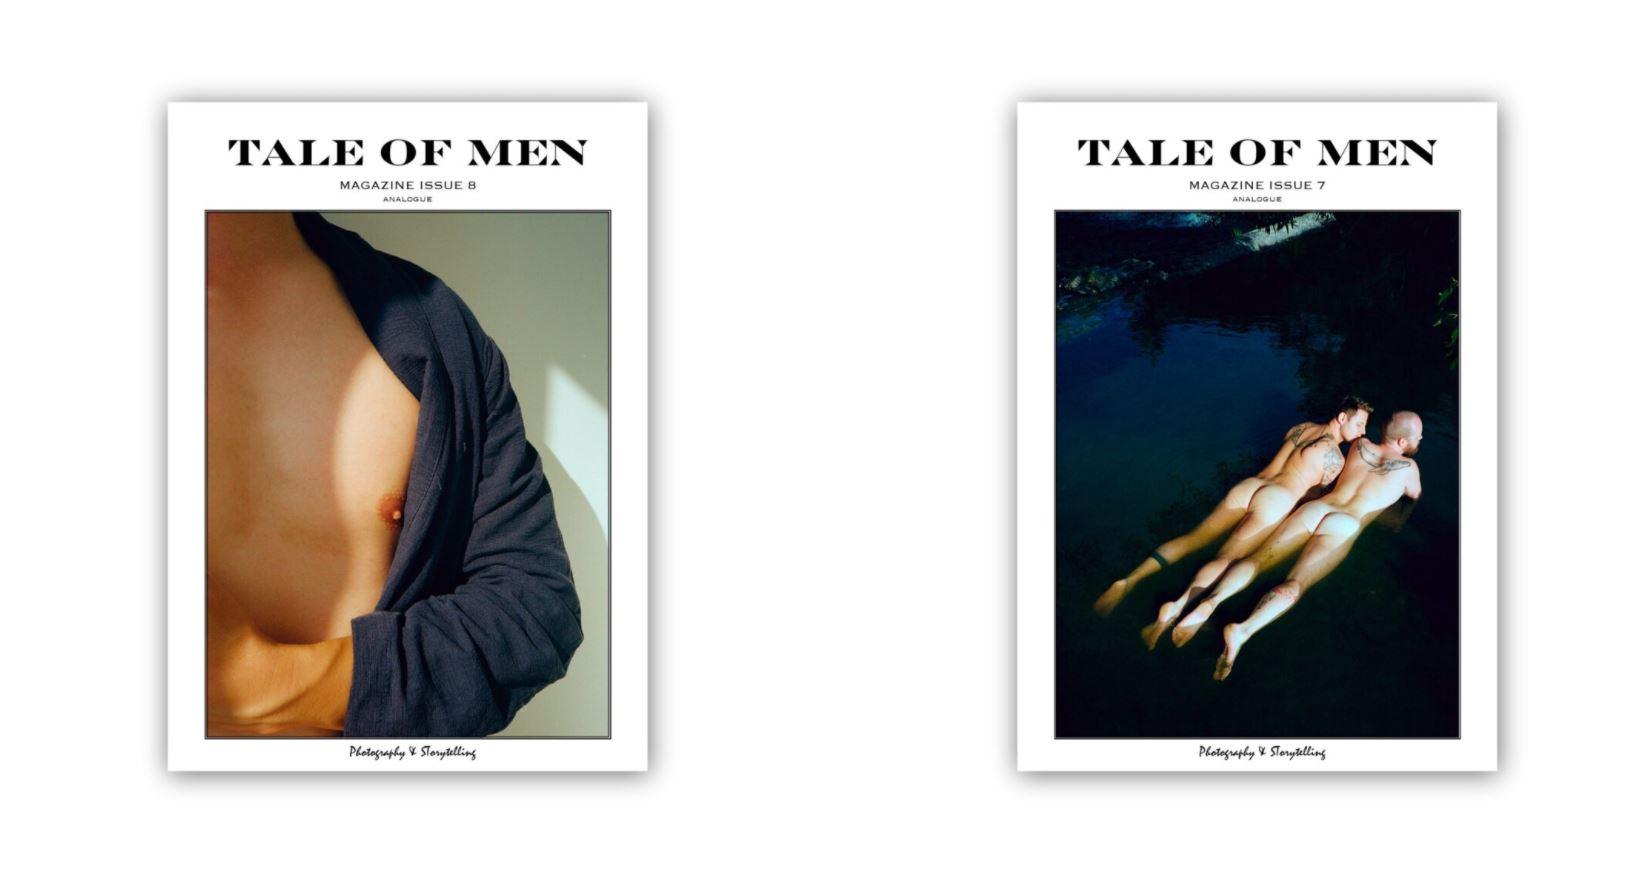 Kickstarter for Tale of Men Magazine Issue 7 & 8